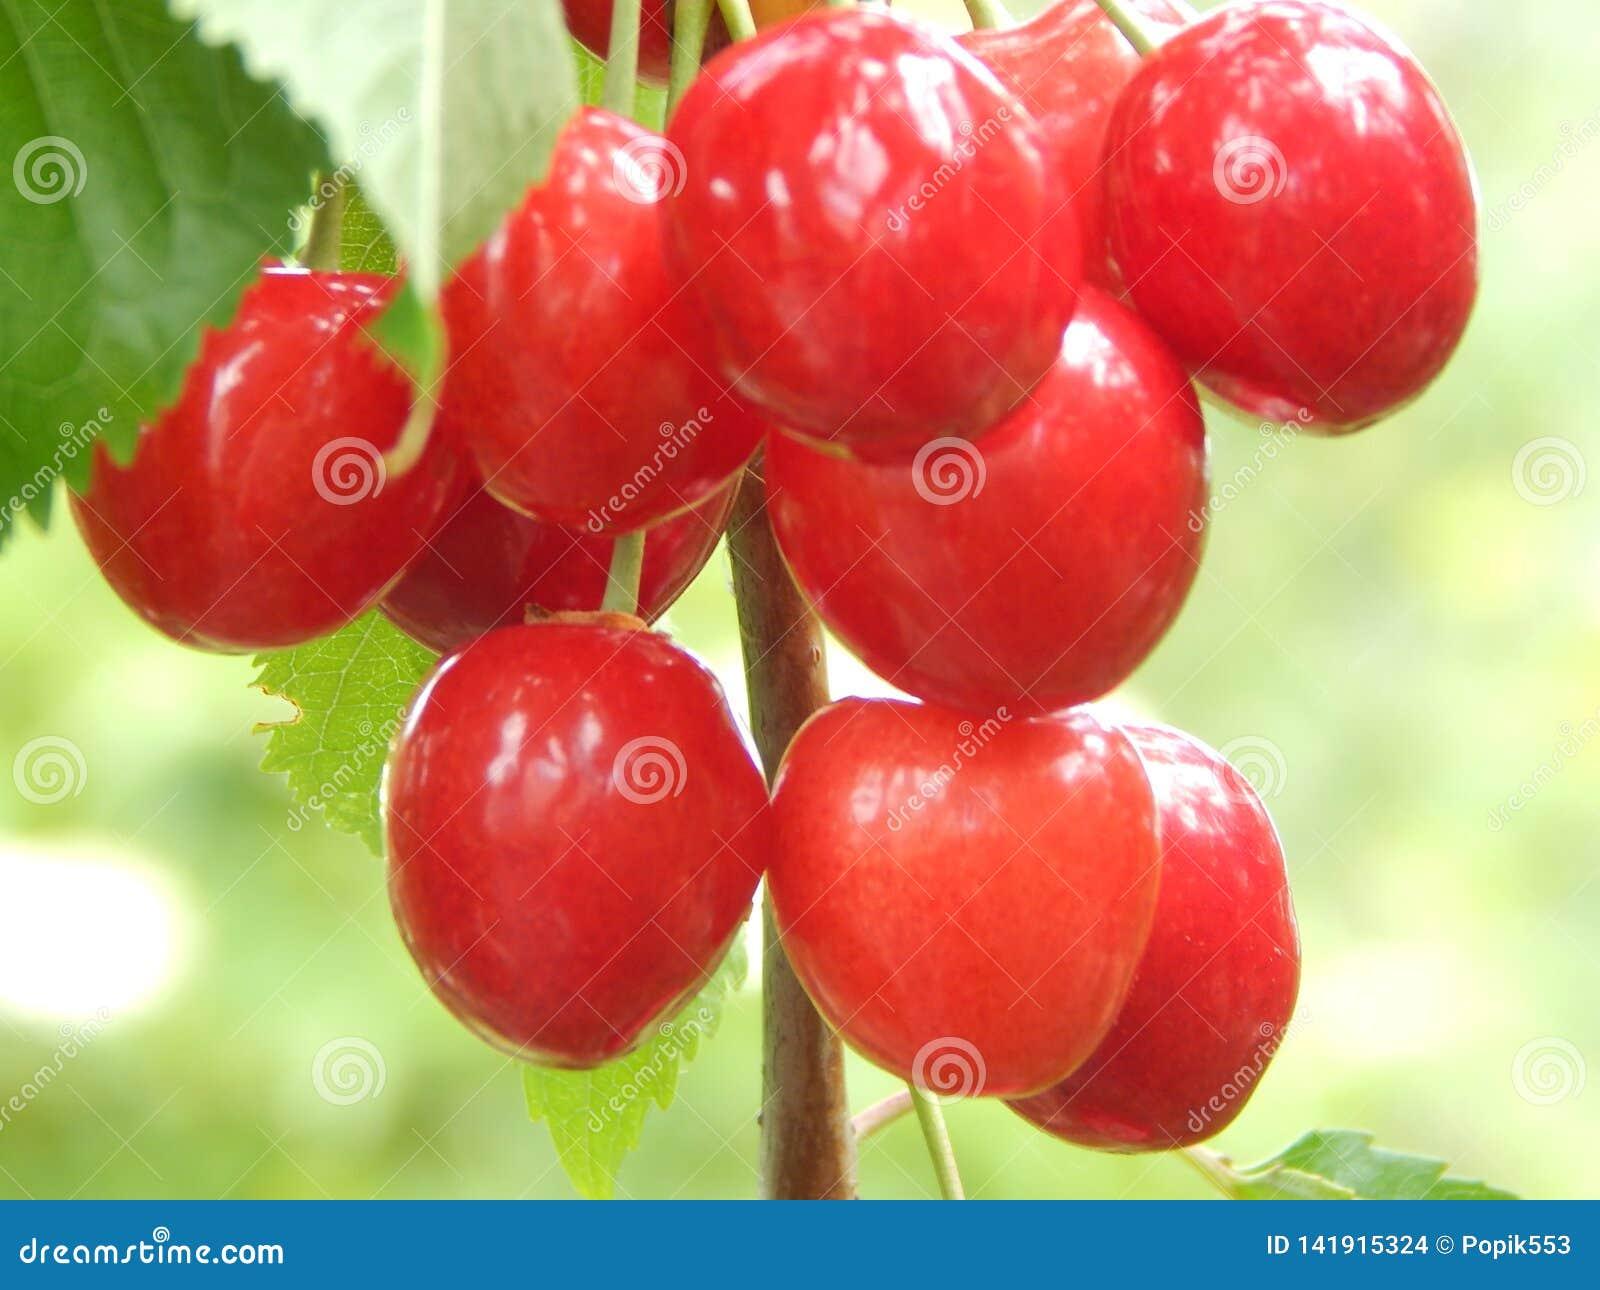 即可用一个大,红色莓果的甜樱桃成熟和